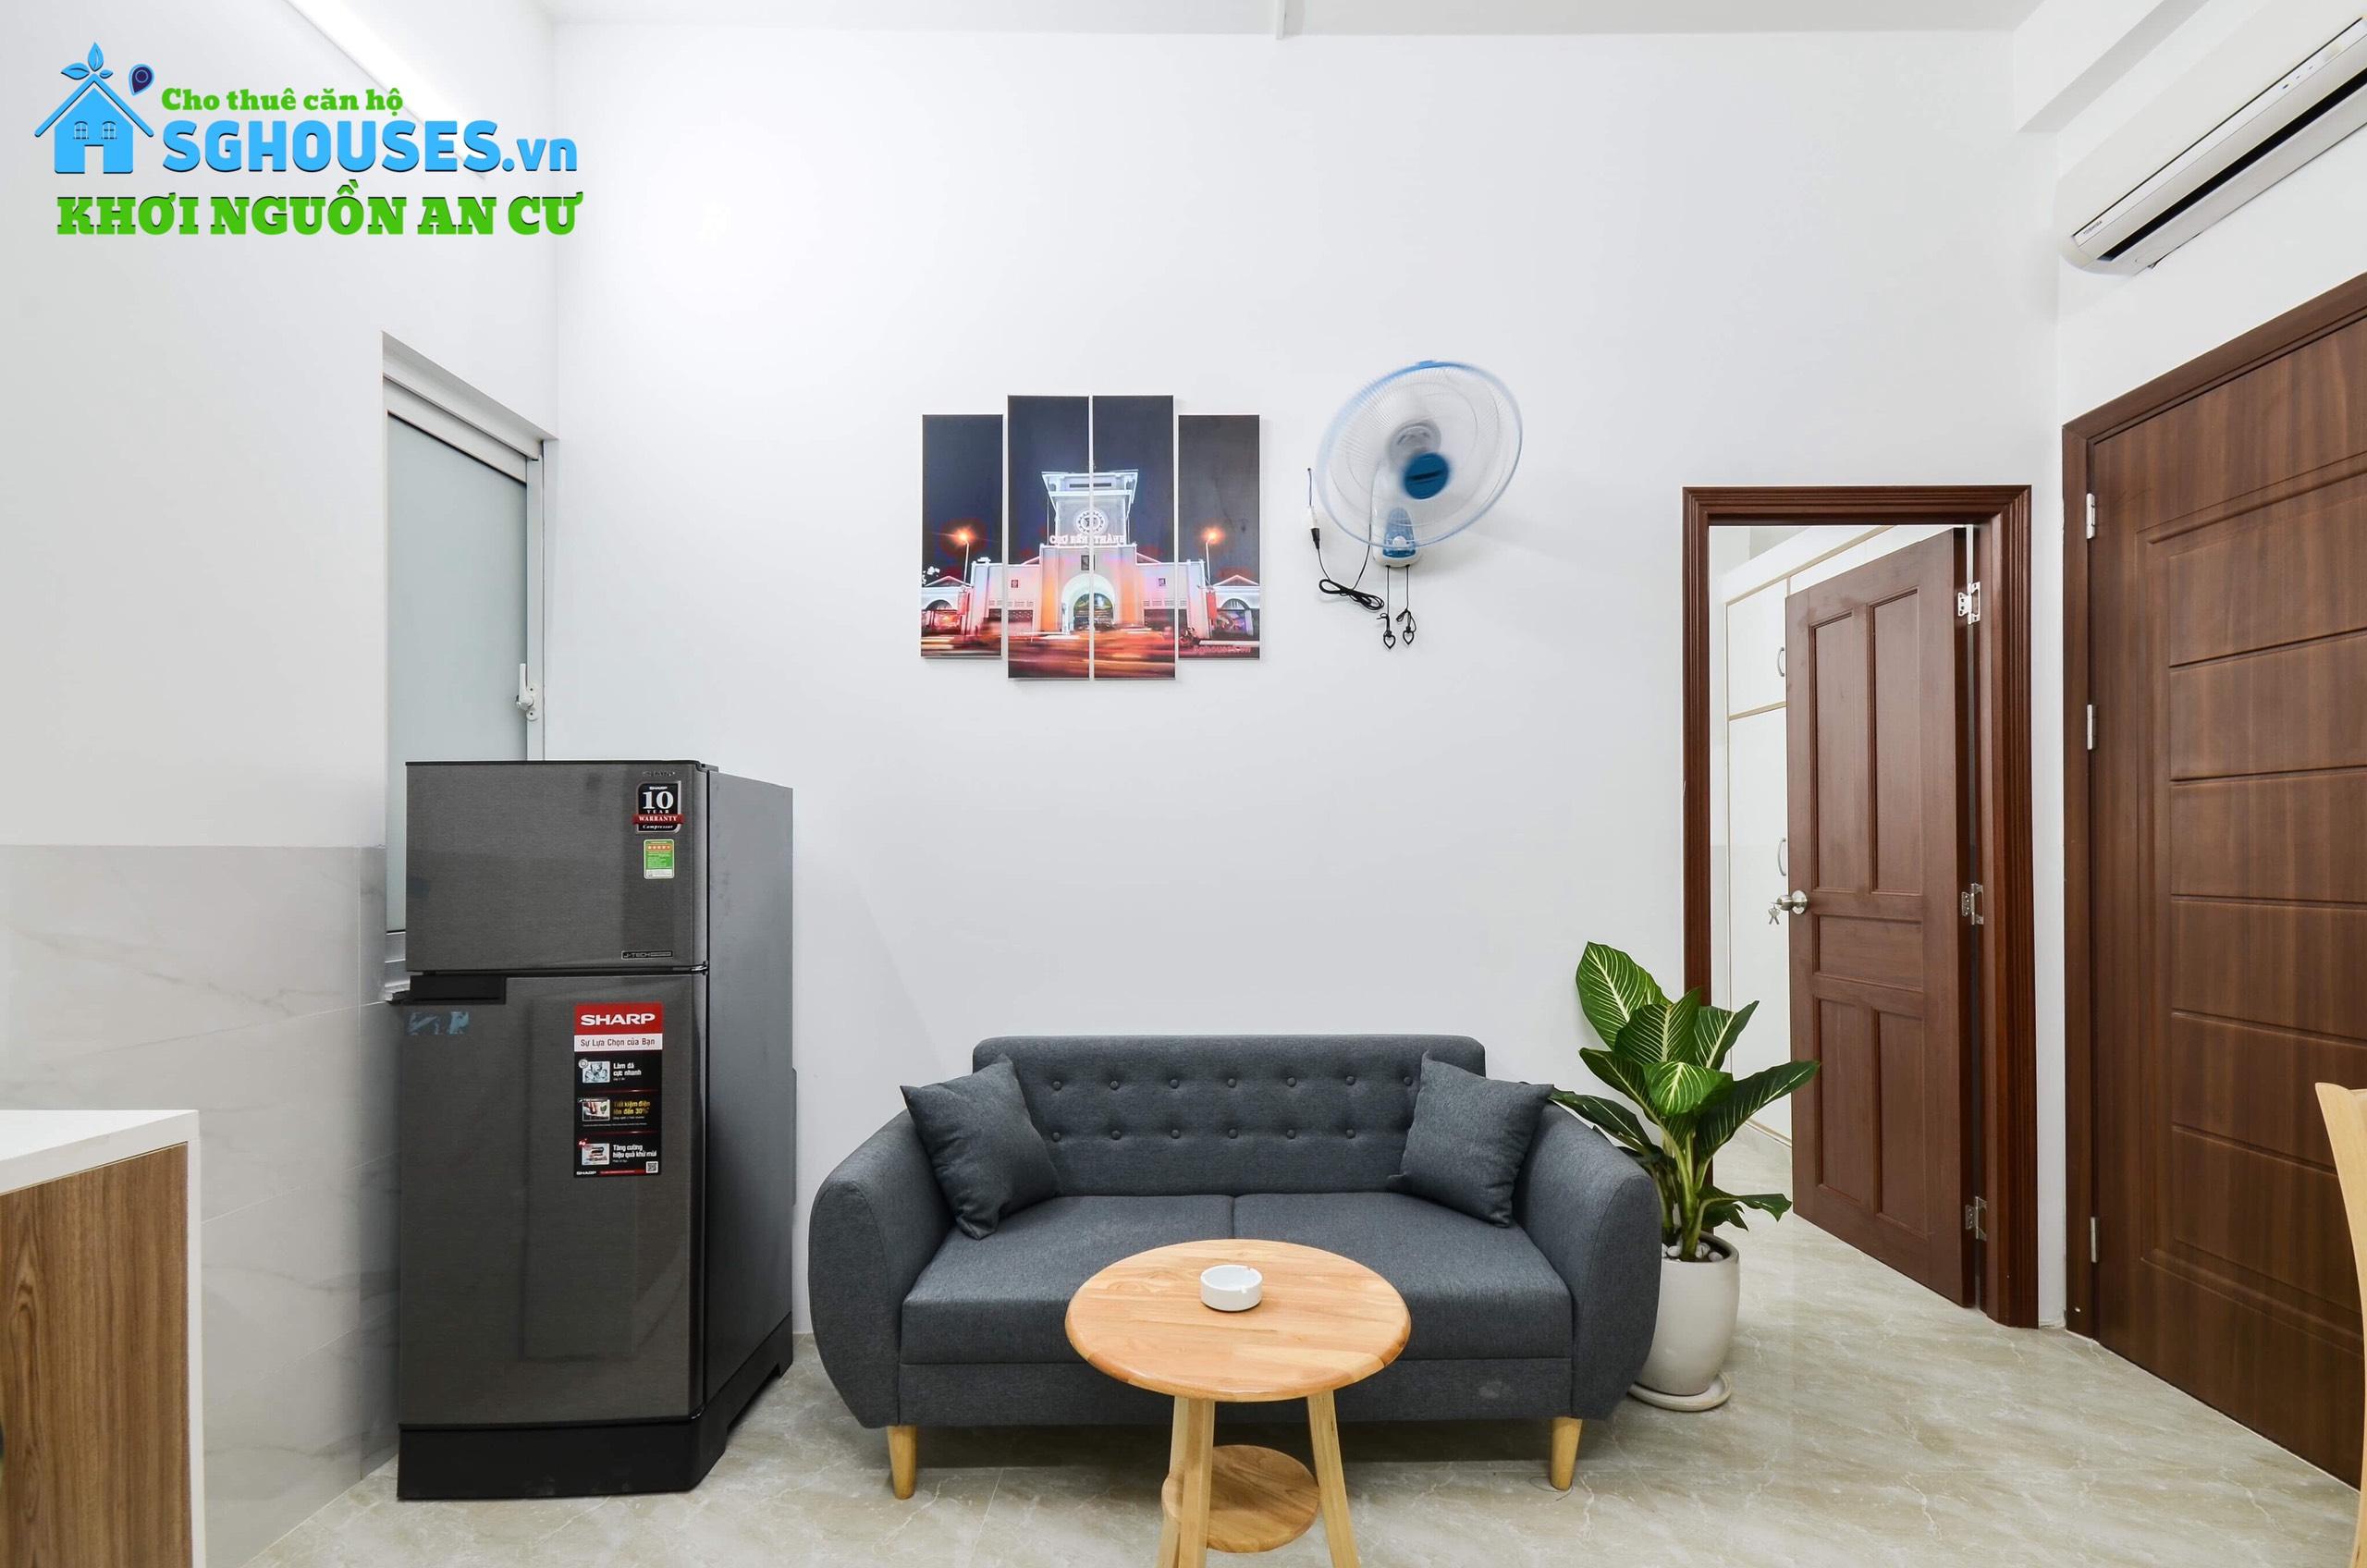 Cho thuê căn hộ dịch vụ ngắn hạn full nội thất